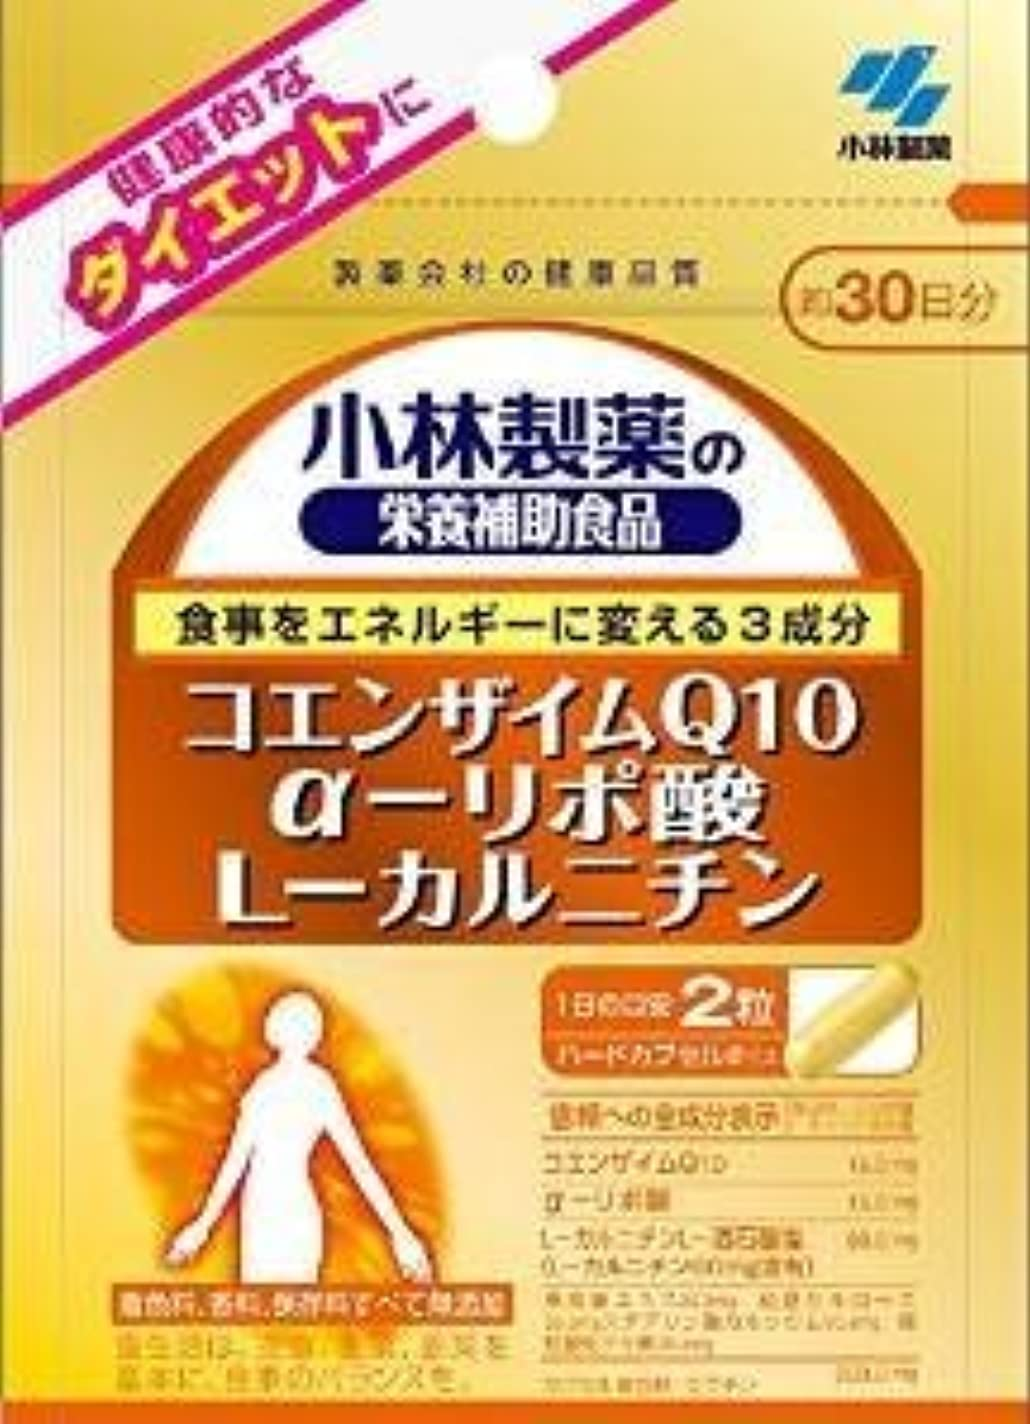 悲しいことに辞任するキャビン小林製薬 小林製薬の栄養補助食品コエンザイムQ10α-リポ酸L-カルニチン60粒×5袋